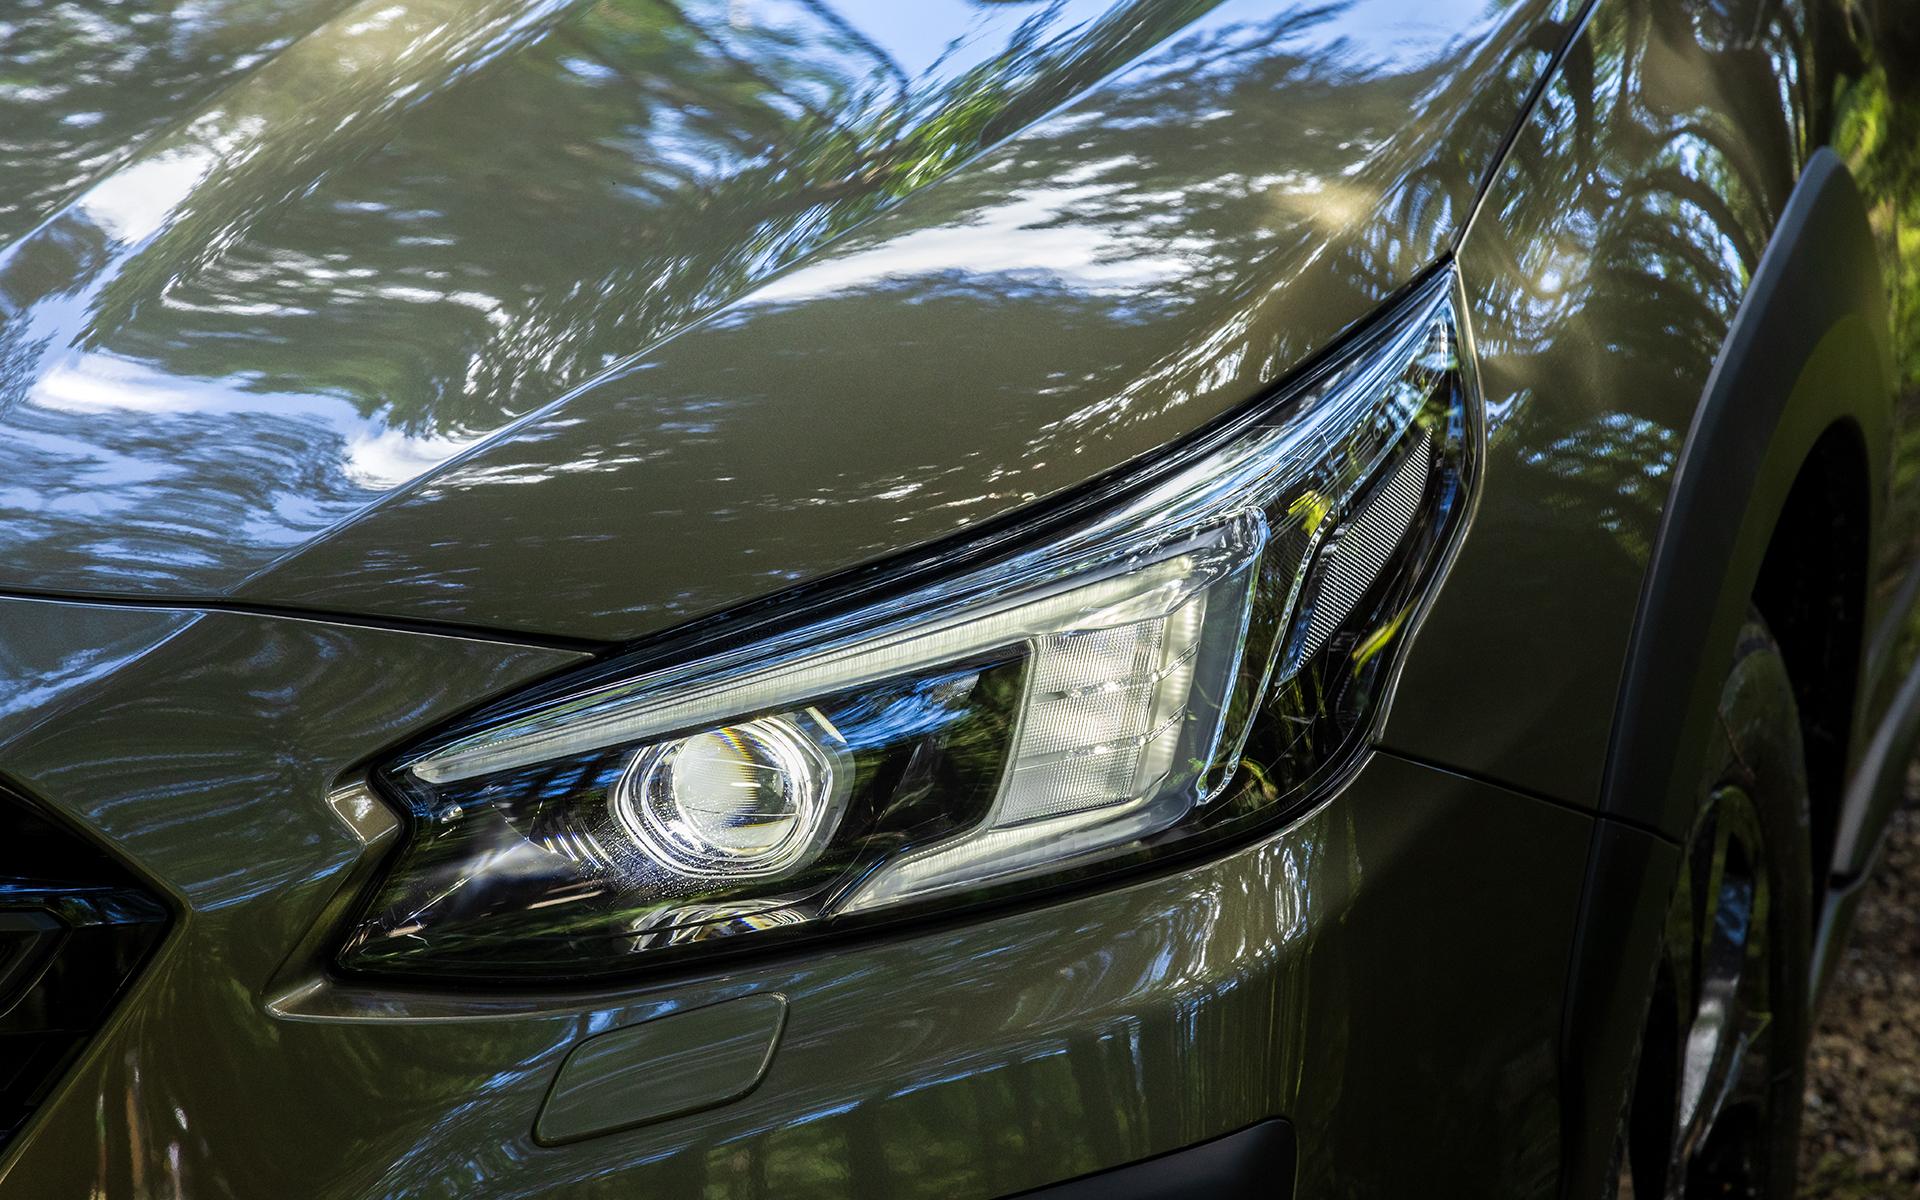 ヘッドライトの点灯パターン。ヘッドライトはフルLEDでヘッドライトウォッシャーを装備